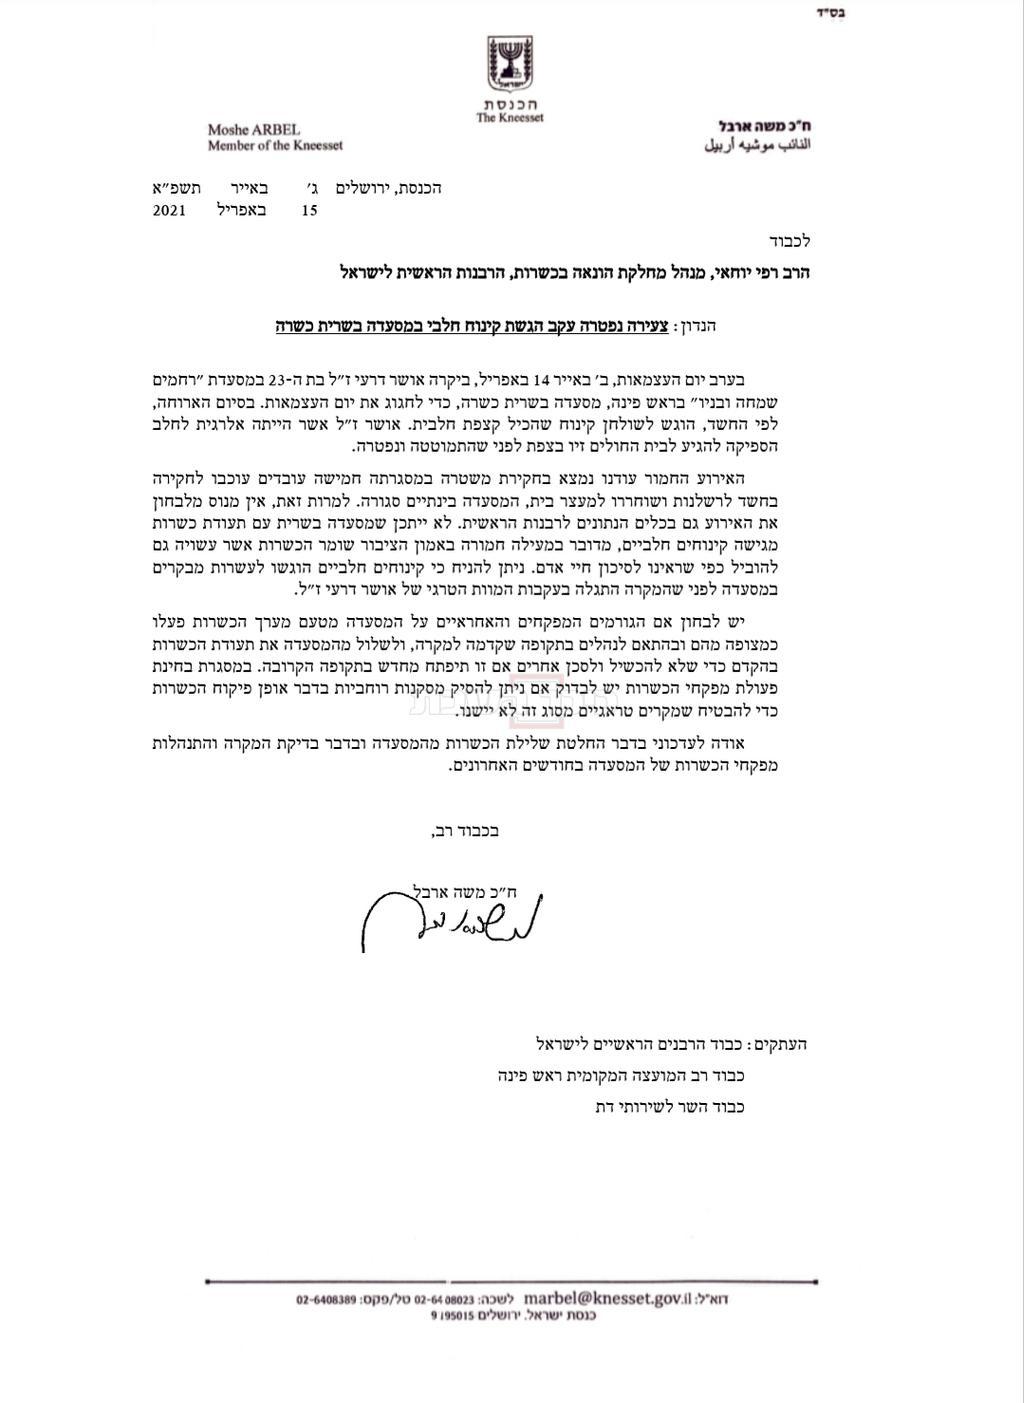 מכתבו של ארבל לרבנות הראשית